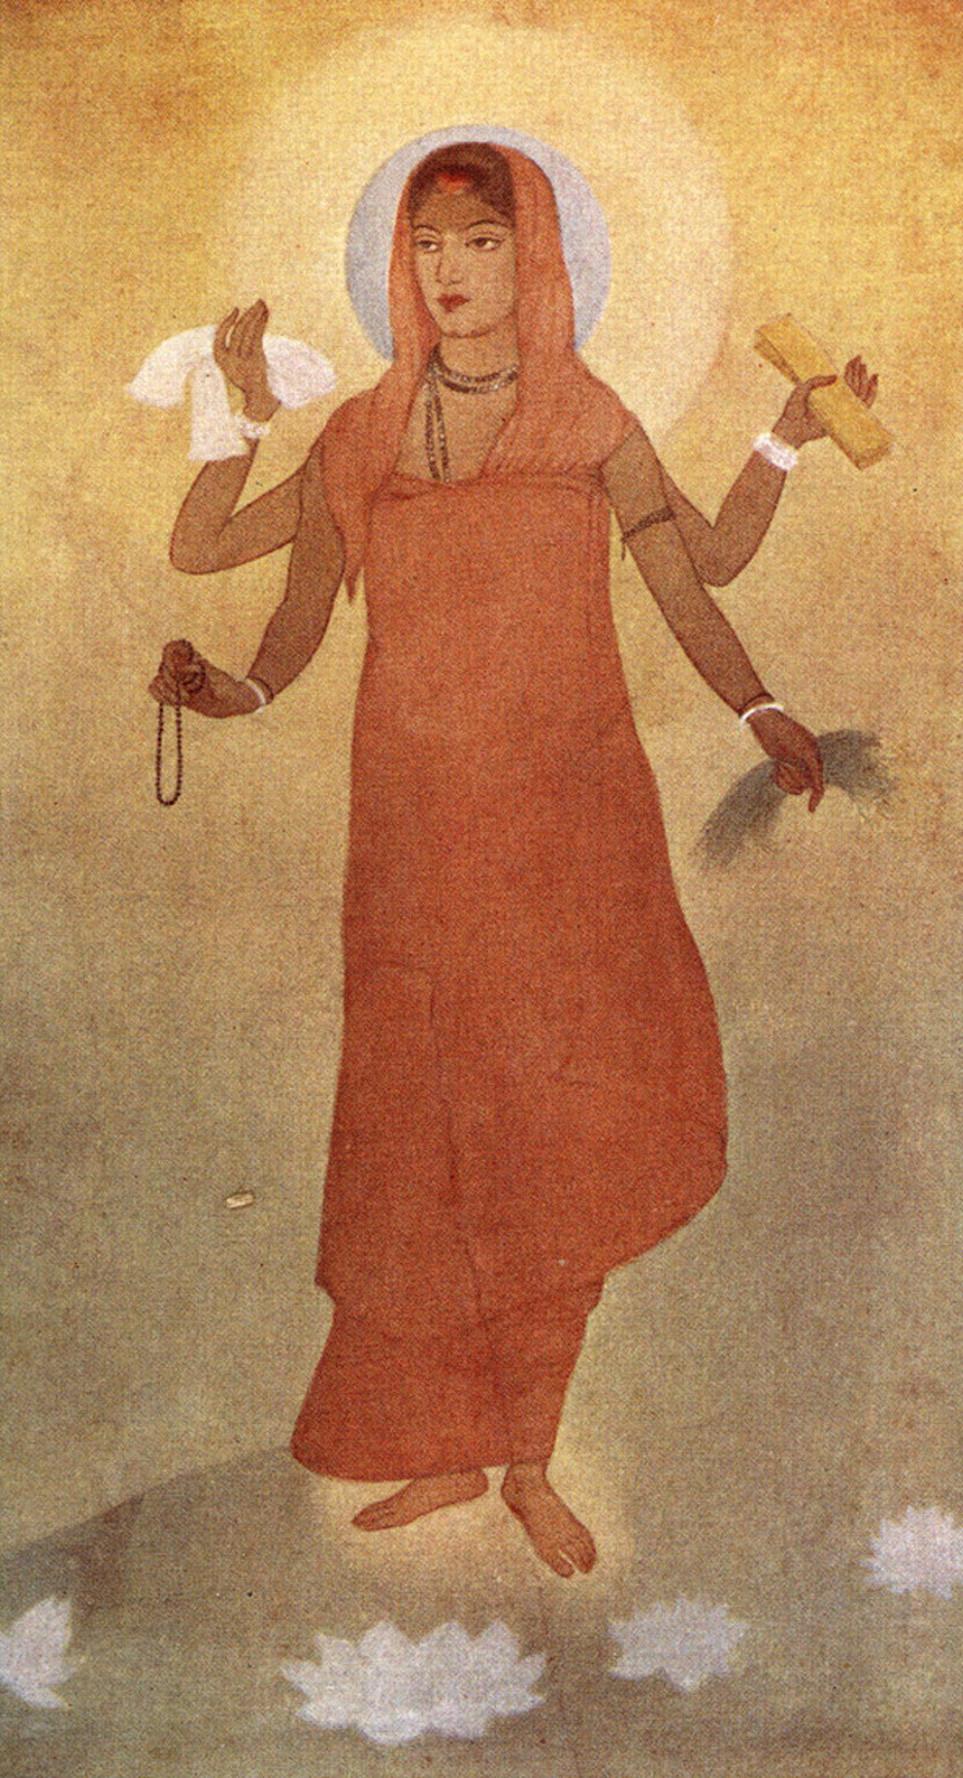 Abanindranath Tagore, 'Bharat Mata', 1906